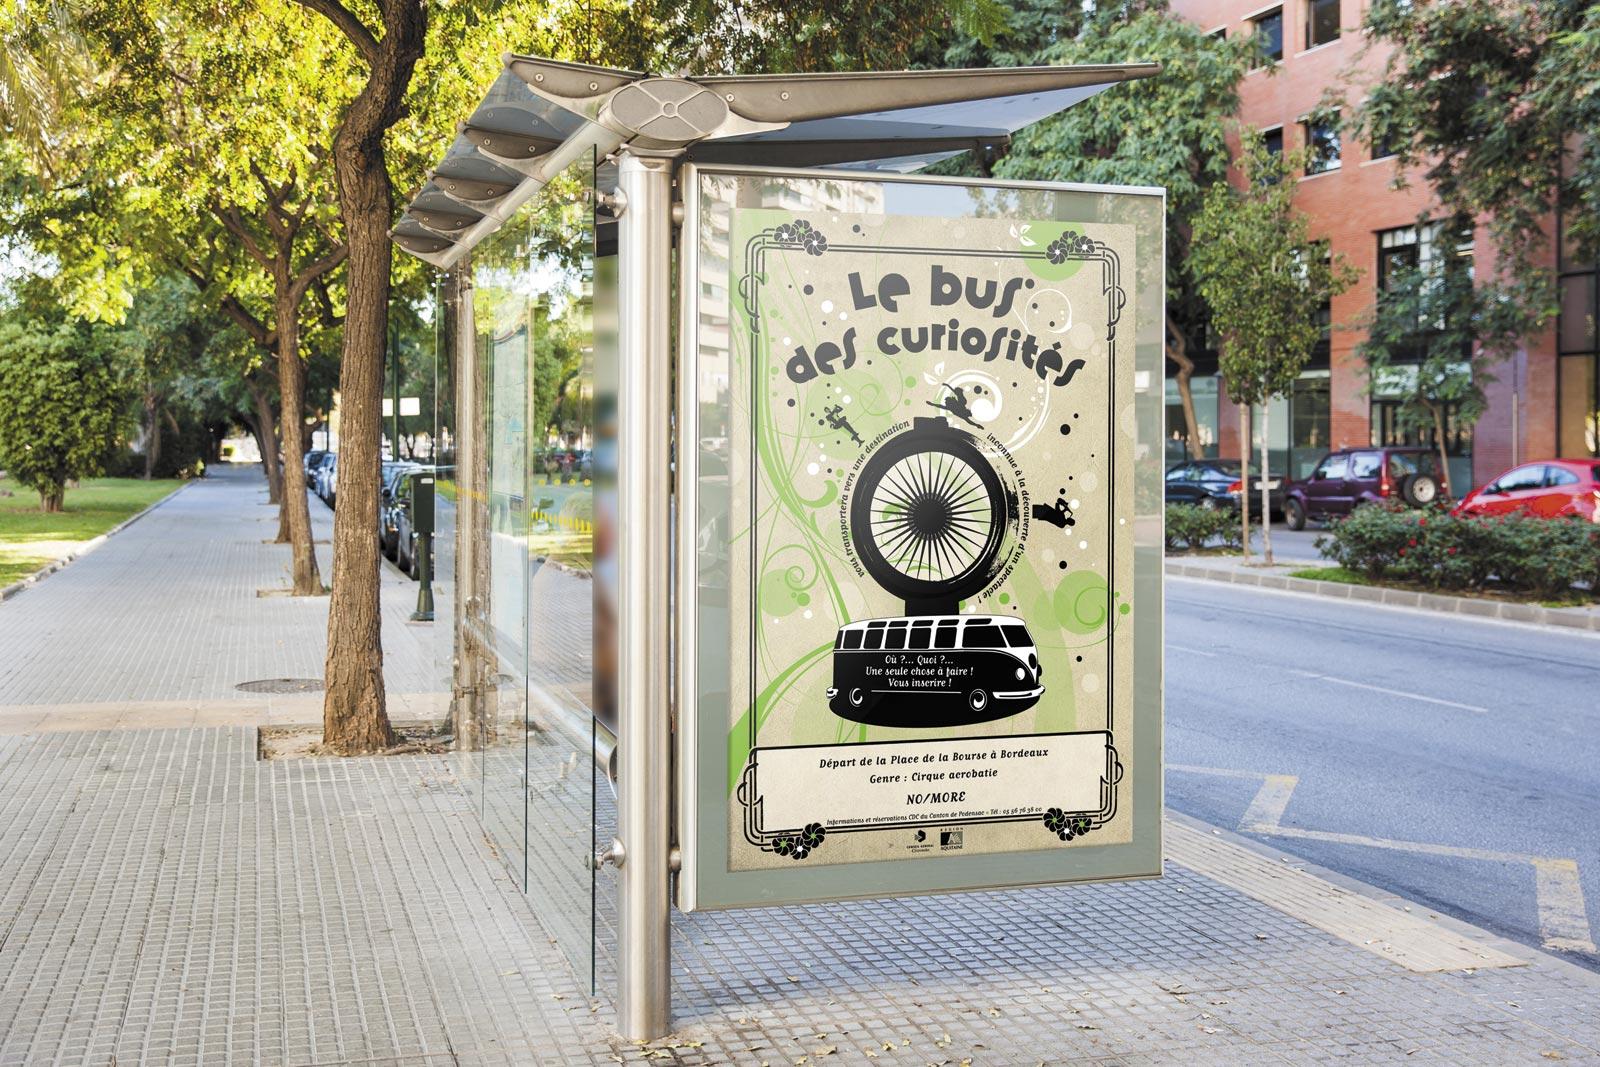 affiche pour le bus des curiosités